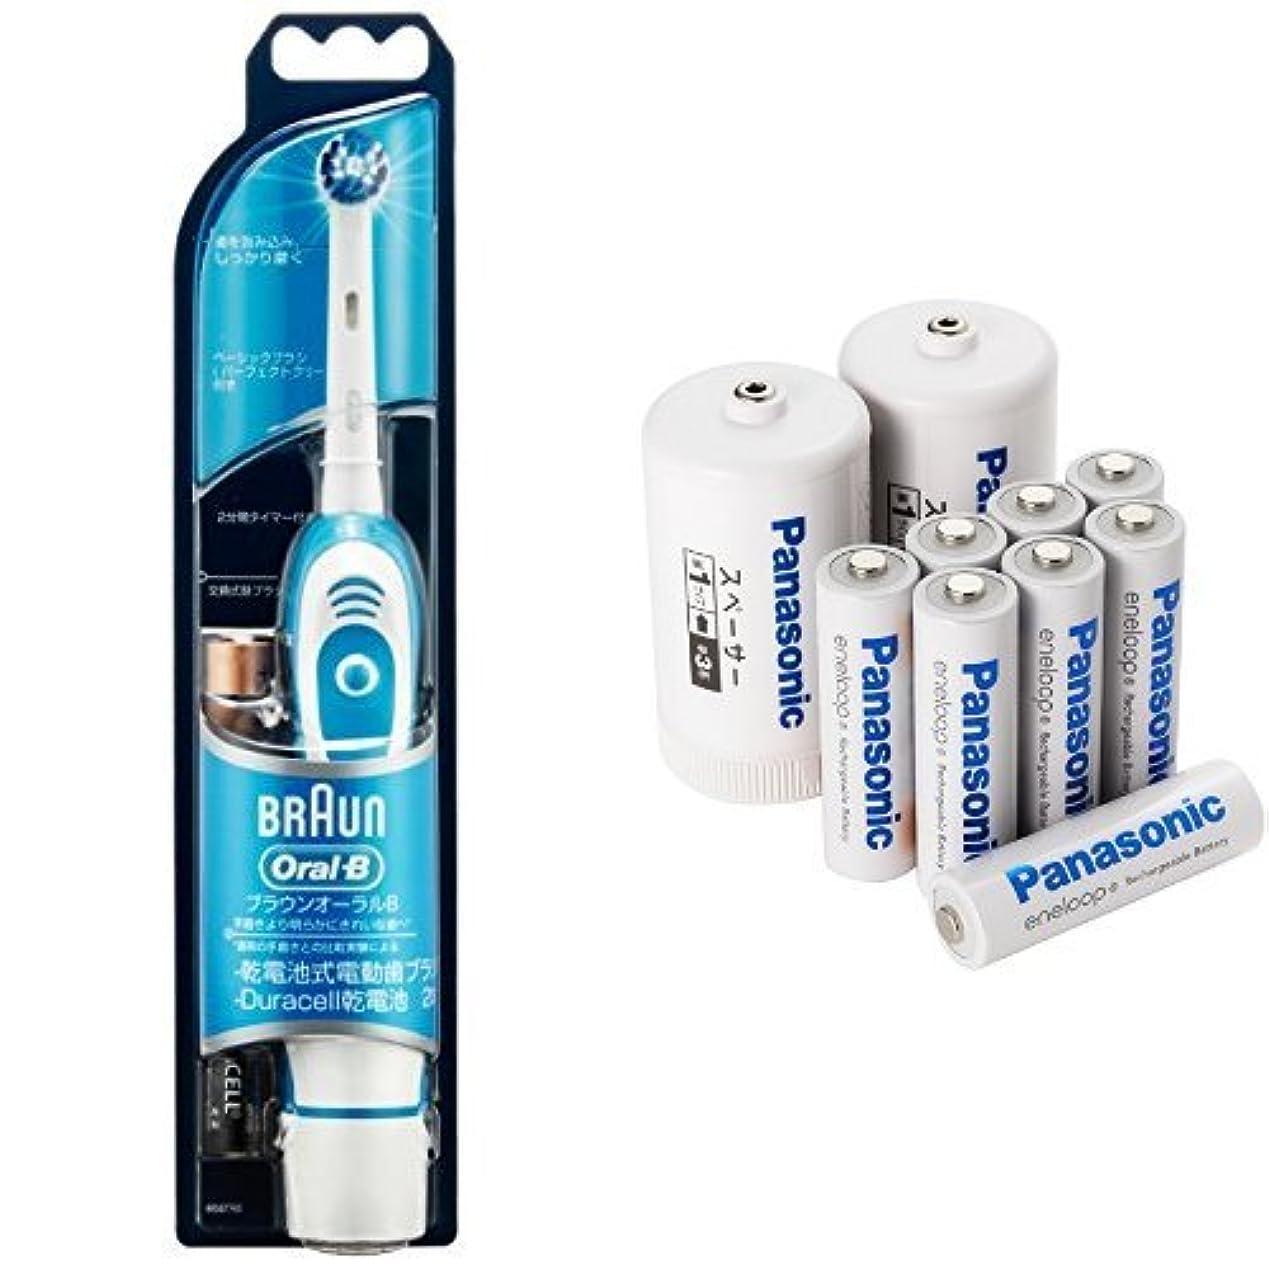 スライス電気陽性細心のブラウン オーラルB プラックコントロール DB4510NE 電動歯ブラシ 乾電池式 + eneloop 単3形充電池 8本パック BK-3MCC/8FA セット